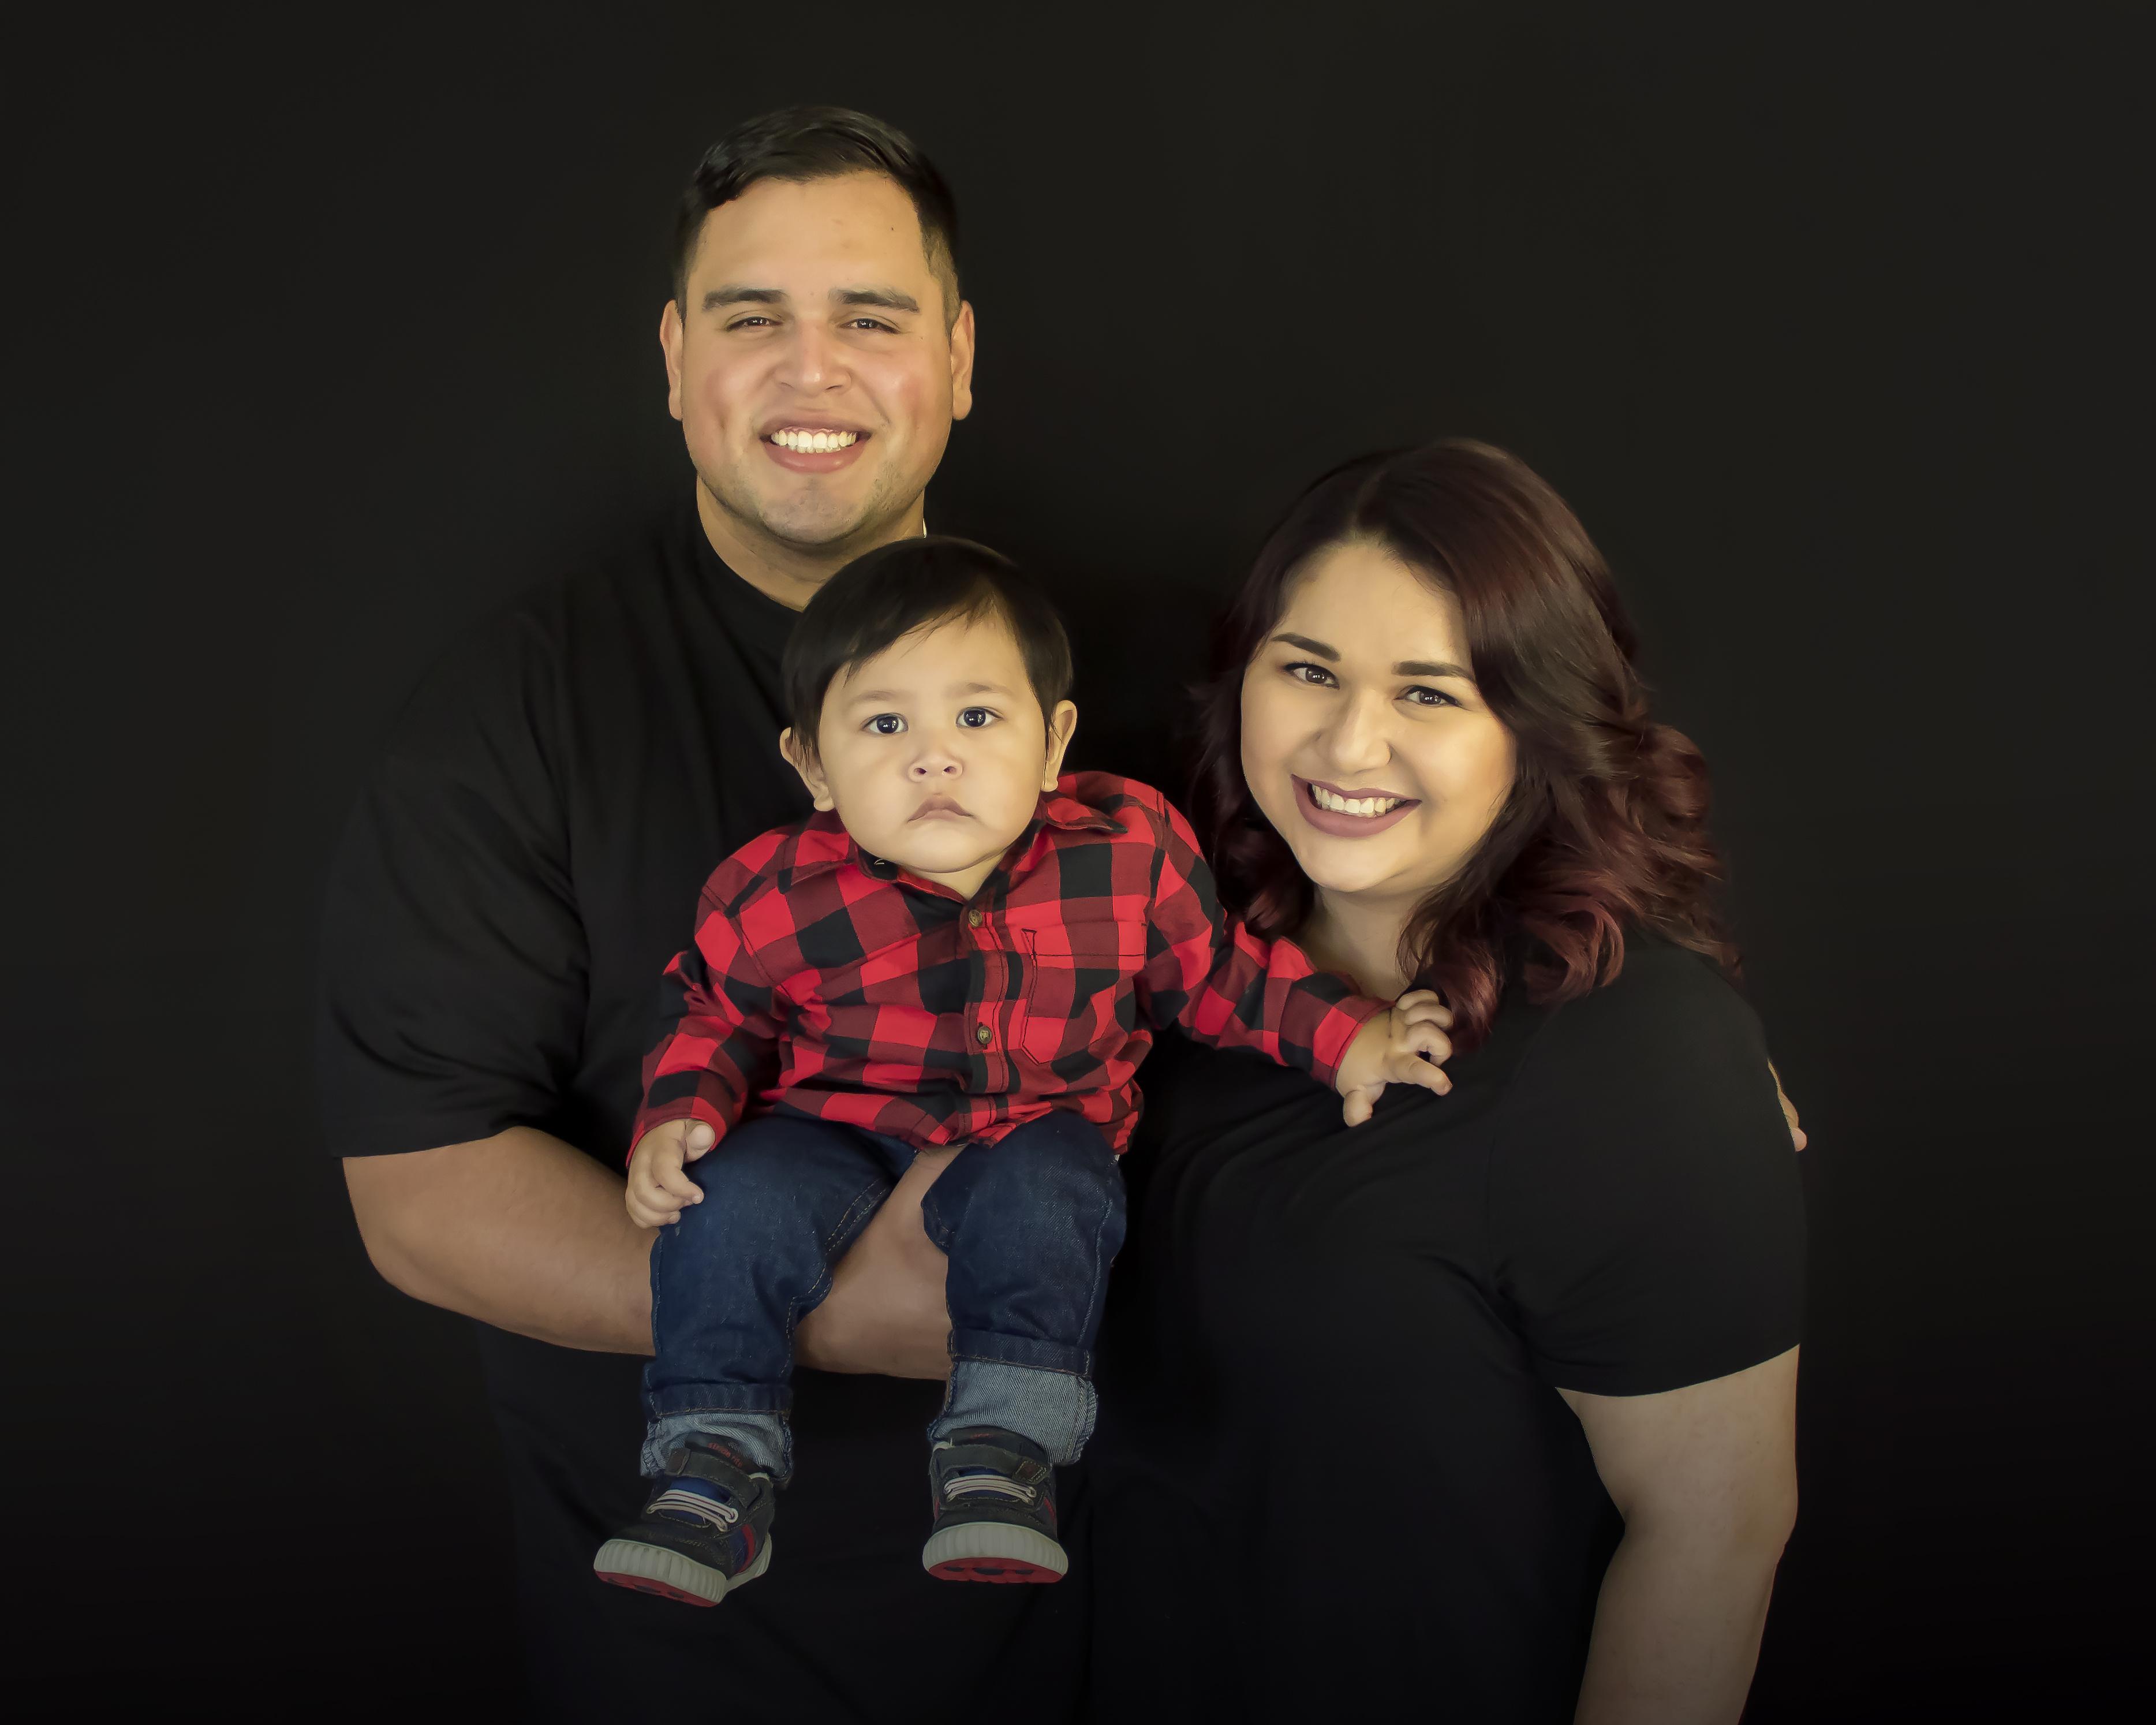 Family | Alyssa Gil Photography